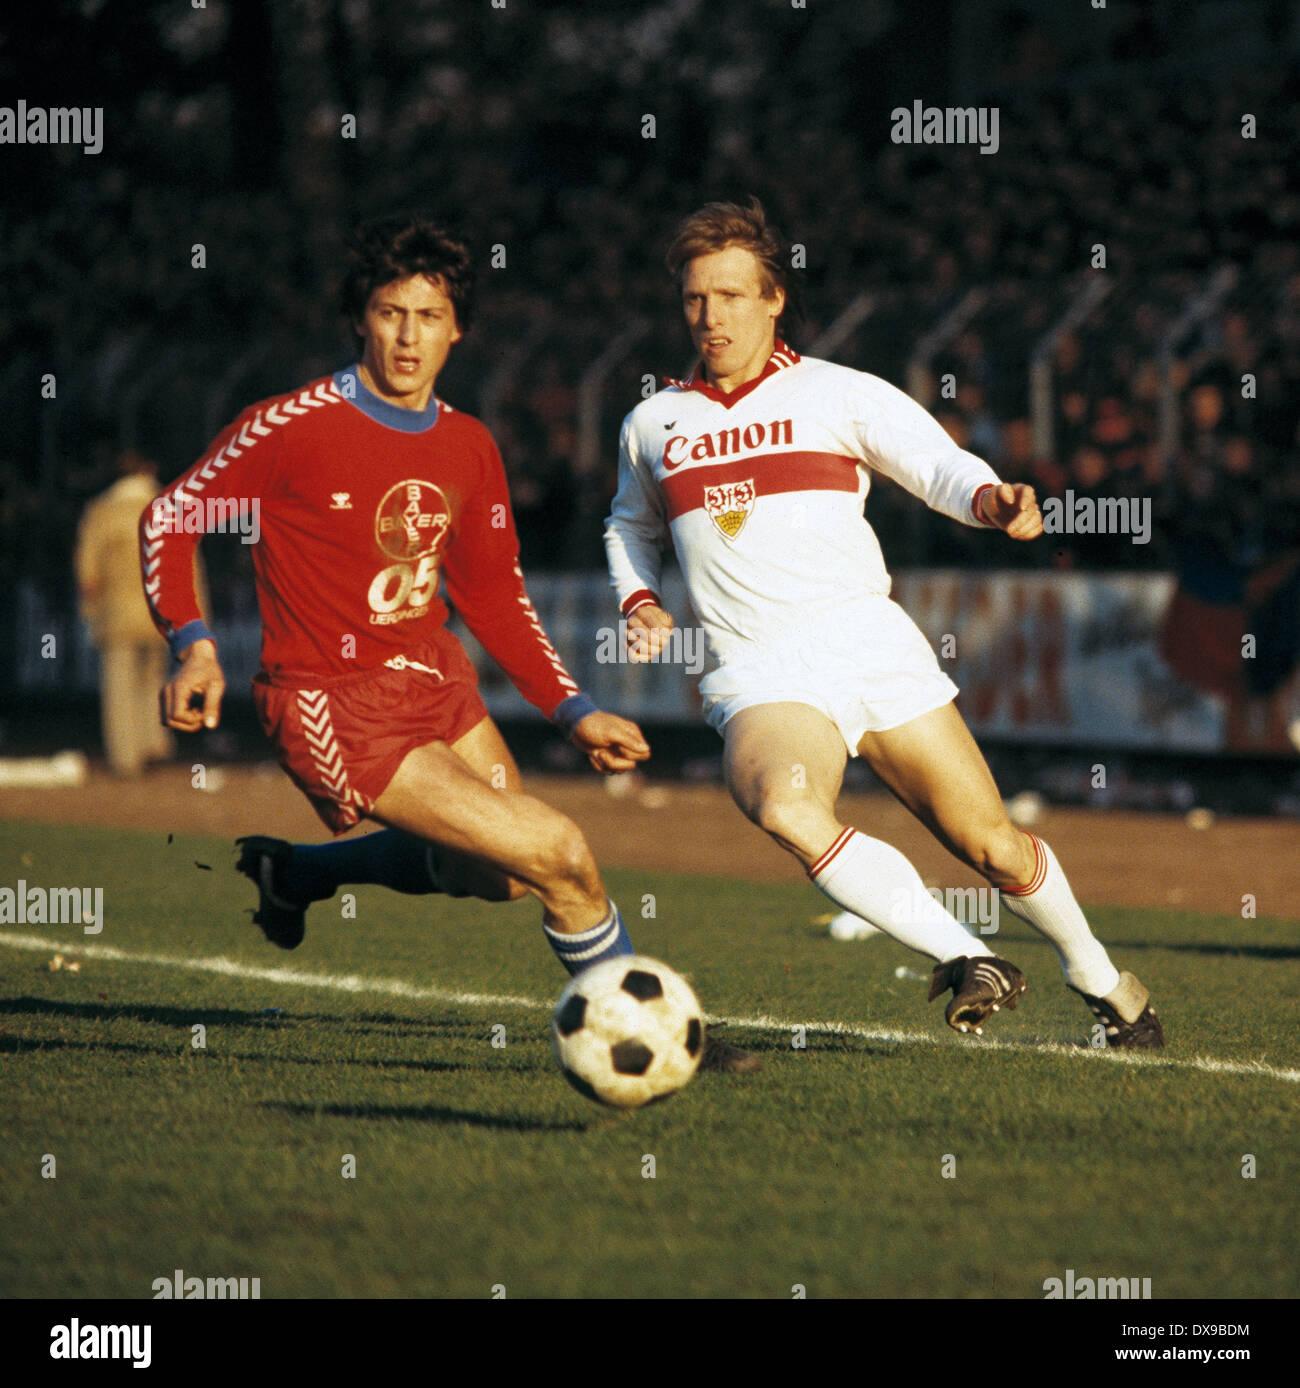 football, Bundesliga, 1979/1980, Grotenburg Stadium, FC Bayer 05 Uerdingen versus VfB Stuttgart 4:2, scene of the match, Franz Raschid (Uerdingen) left and Klaus-Dieter Jank (Stuttgart) - Stock Image